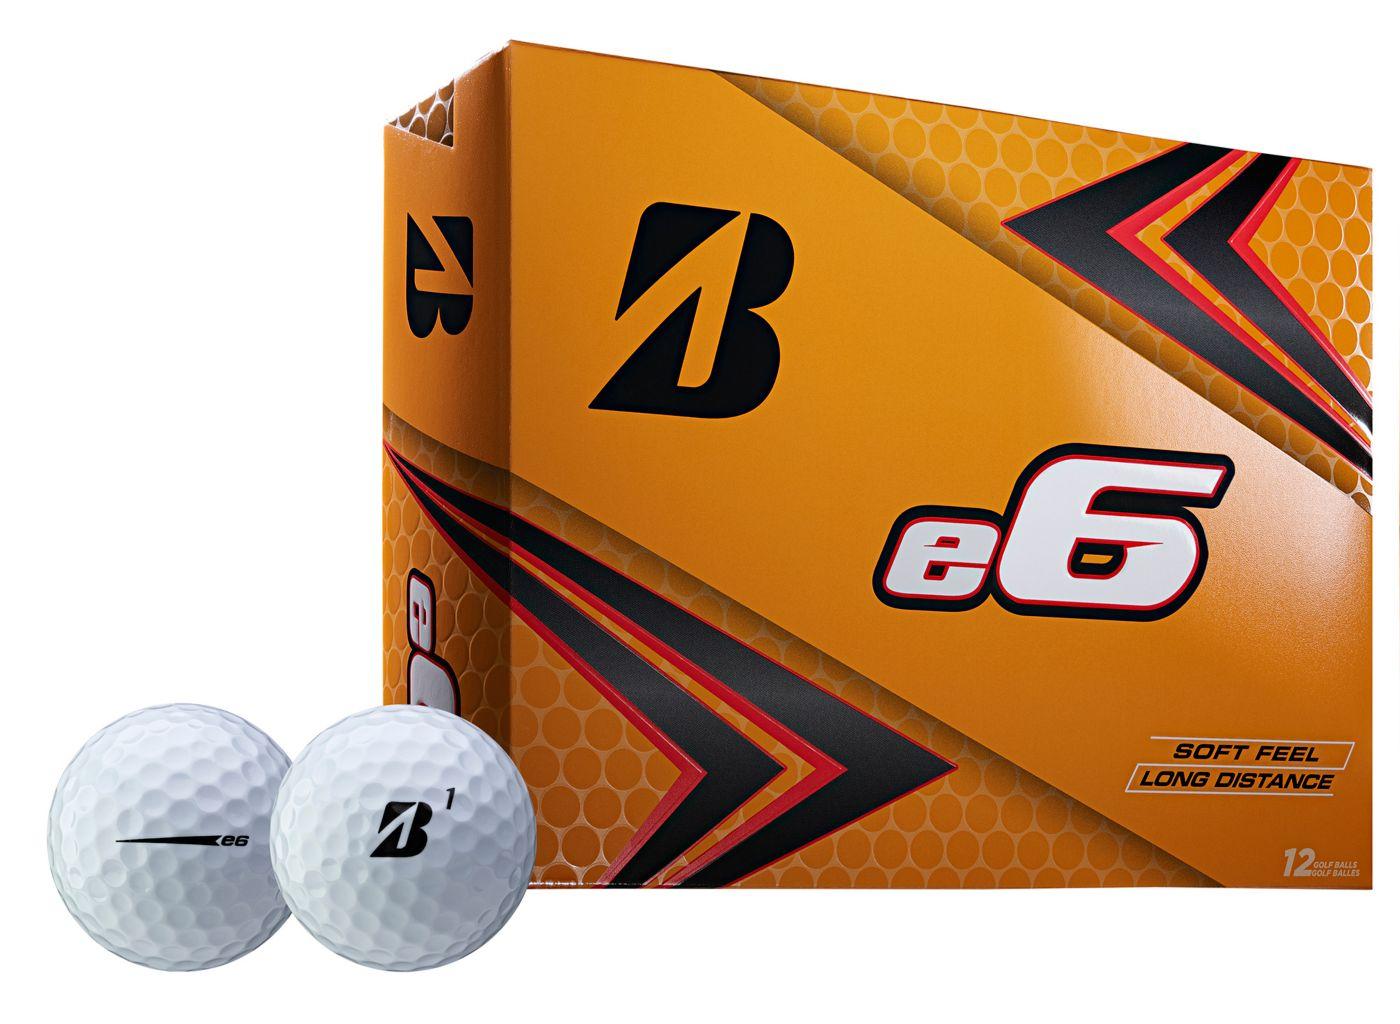 Bridgestone 2019 e6 Golf Balls